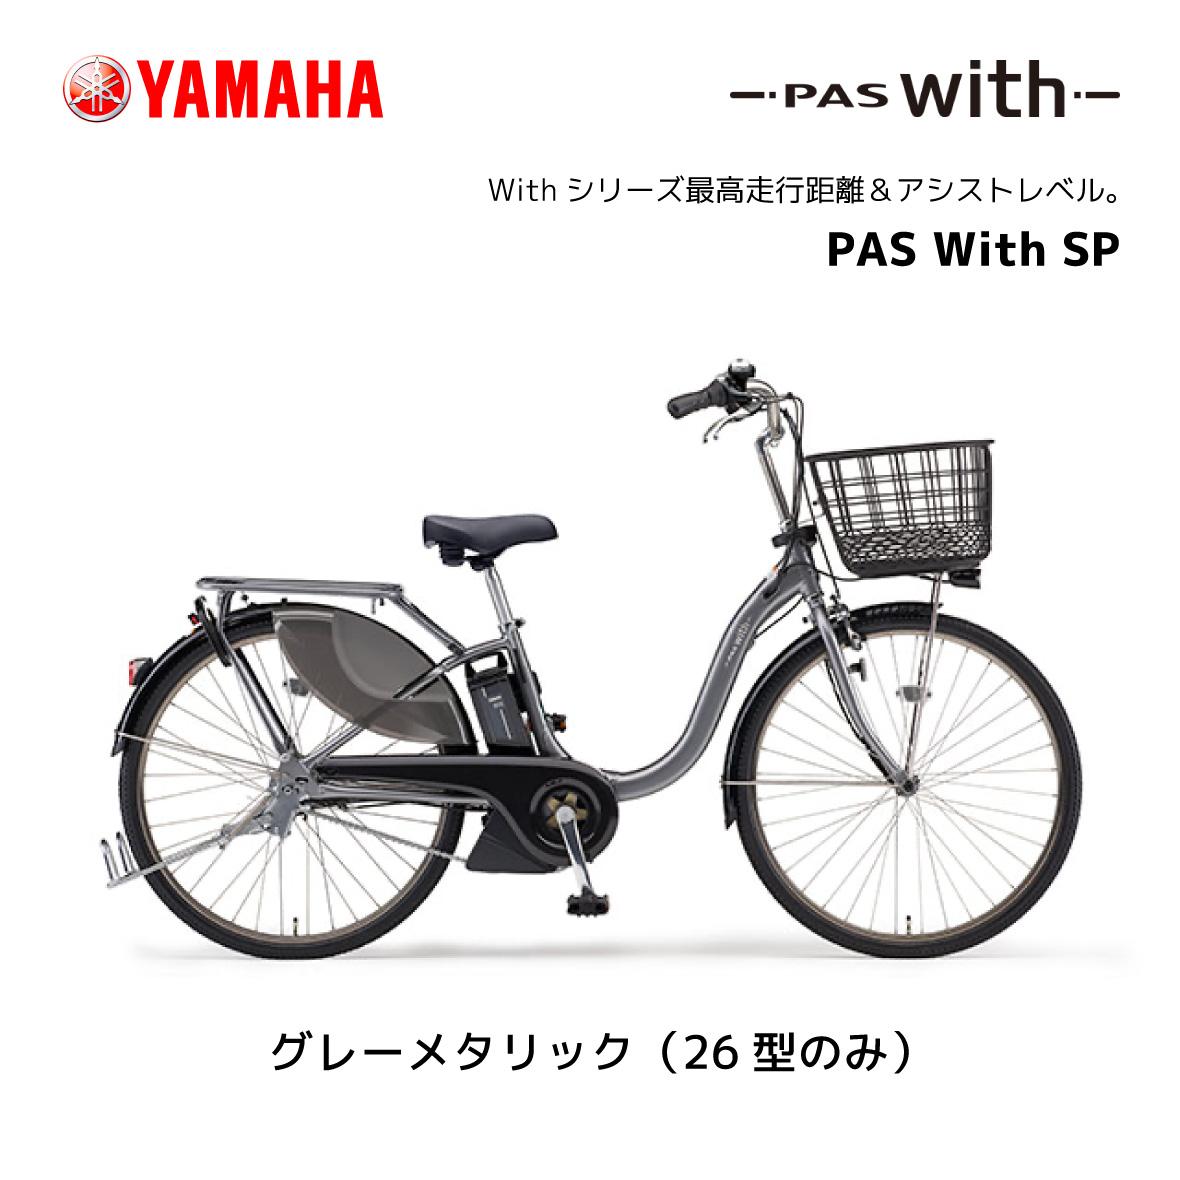 電動自転車 ヤマハ PAS With SP パス ウィズスーパー 24インチ 26インチ PA26WSP PA24WSP